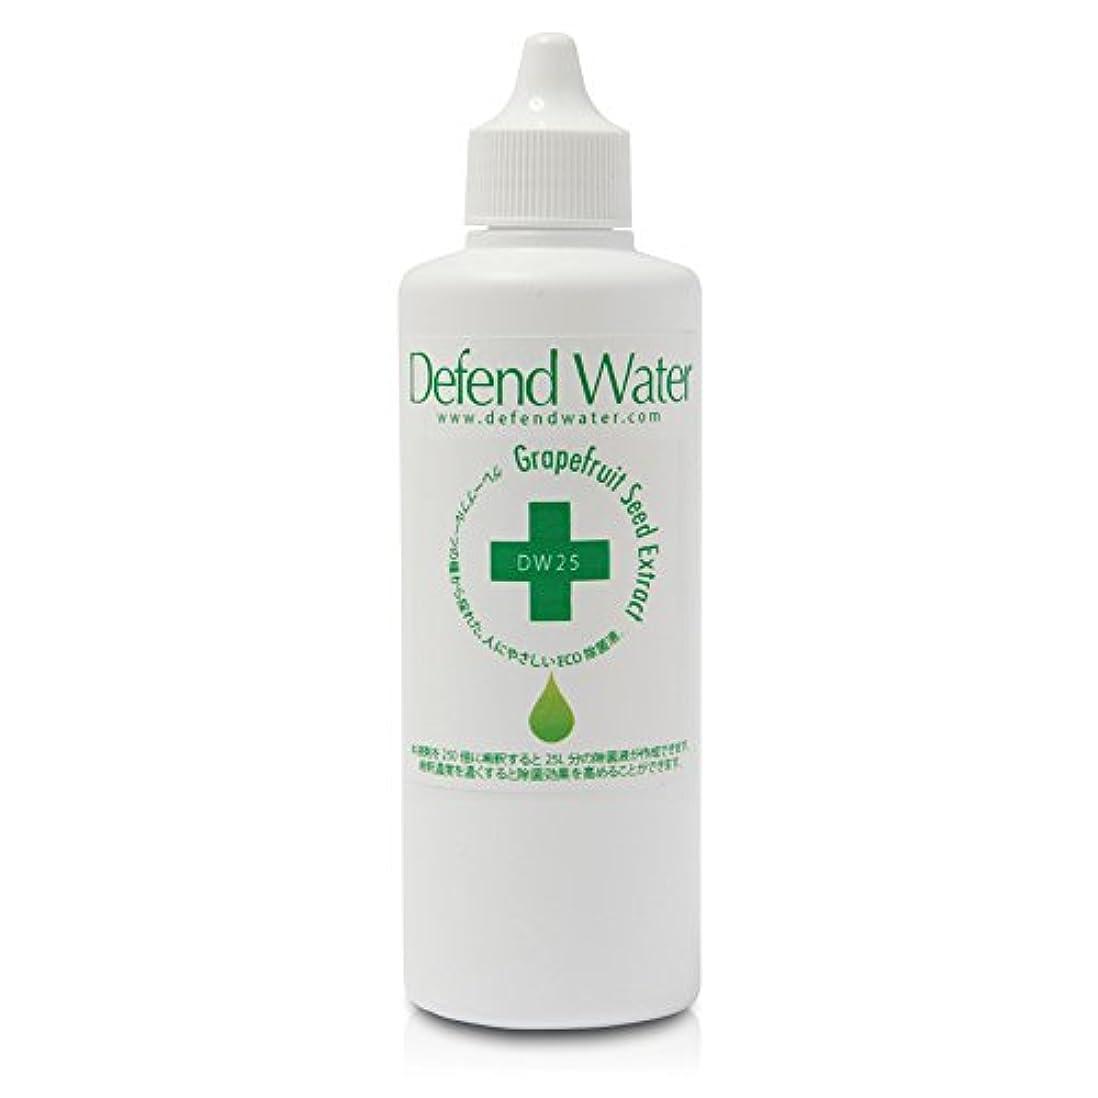 勝つキャップ蚊アロマオイルと一緒に使う空間除菌液、天然エコ除菌液「ディフェンドウォーター」DW25